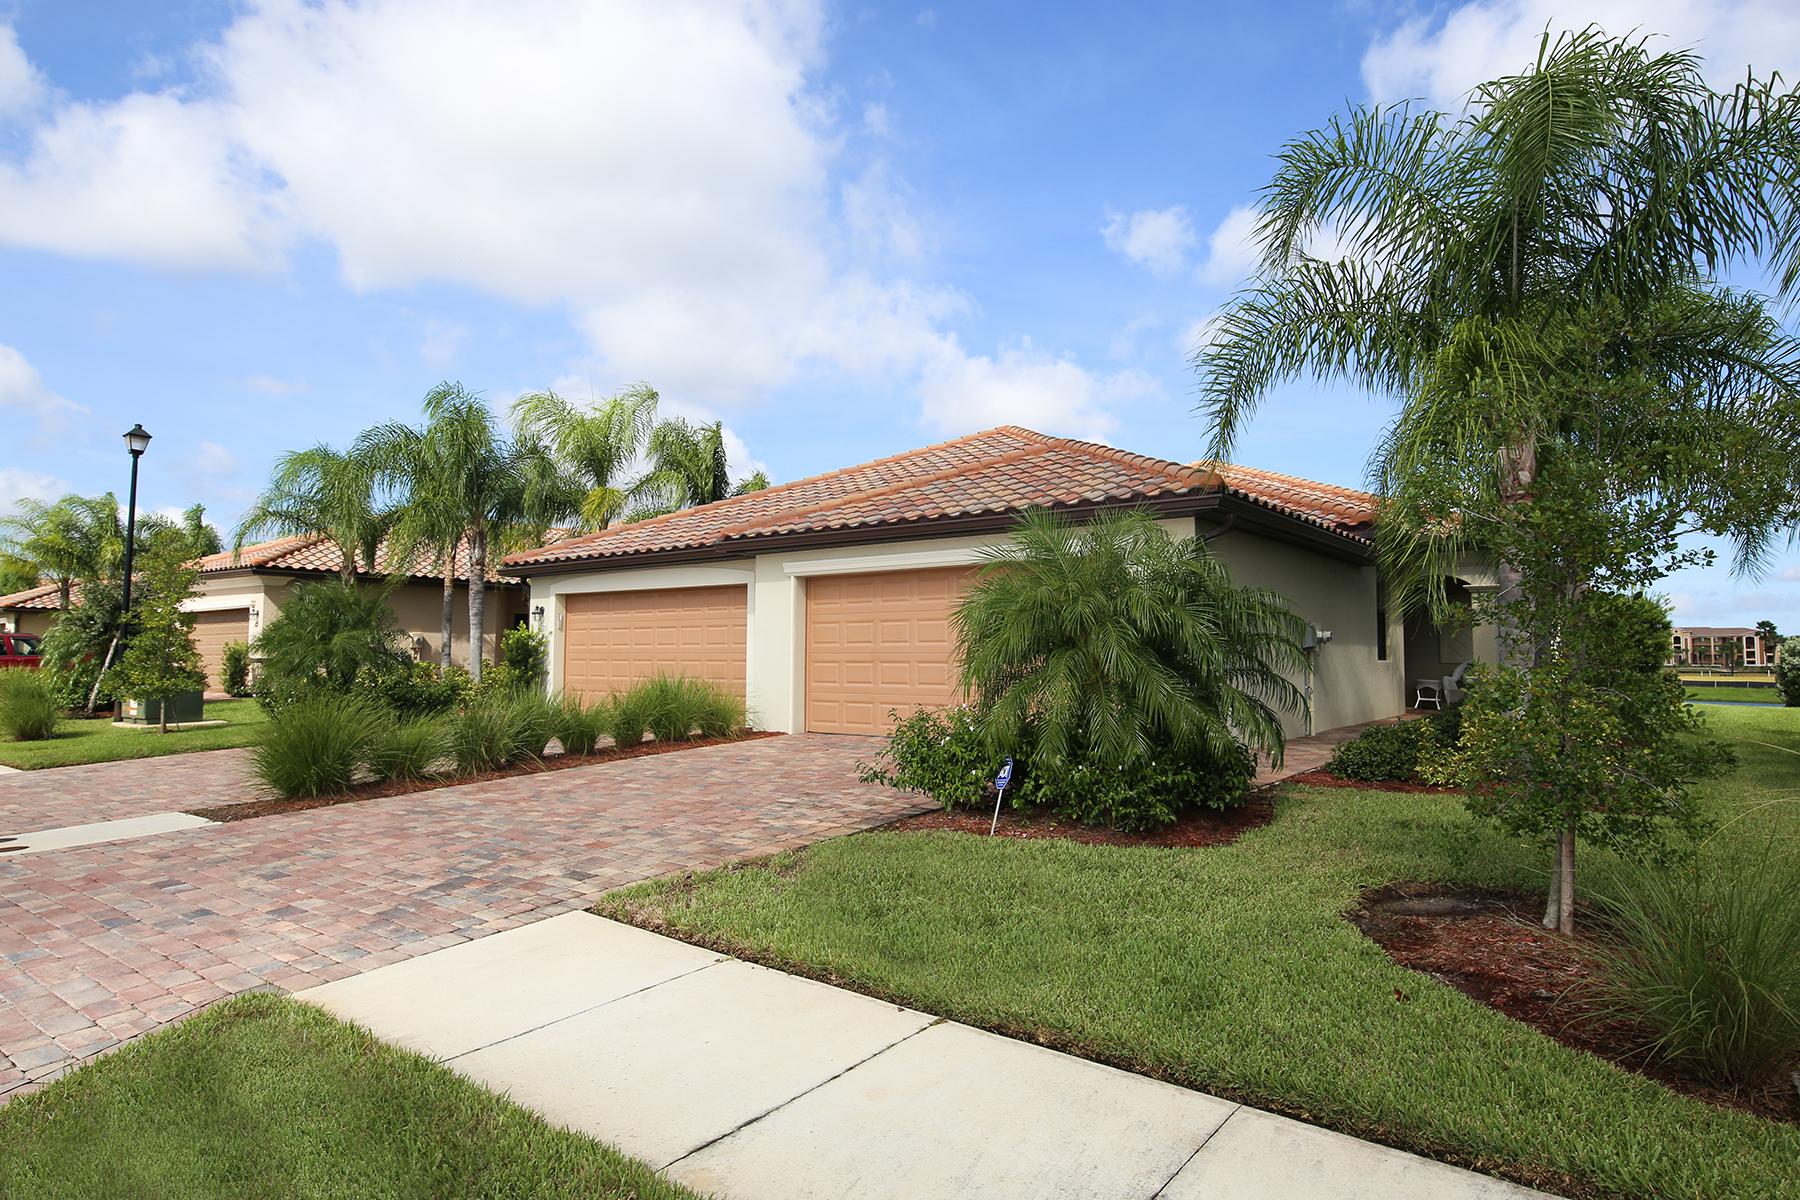 独户住宅 为 销售 在 HERITAGE HARBOUR 6627 Candlestick Dr 布雷登顿, 佛罗里达州, 34212 美国